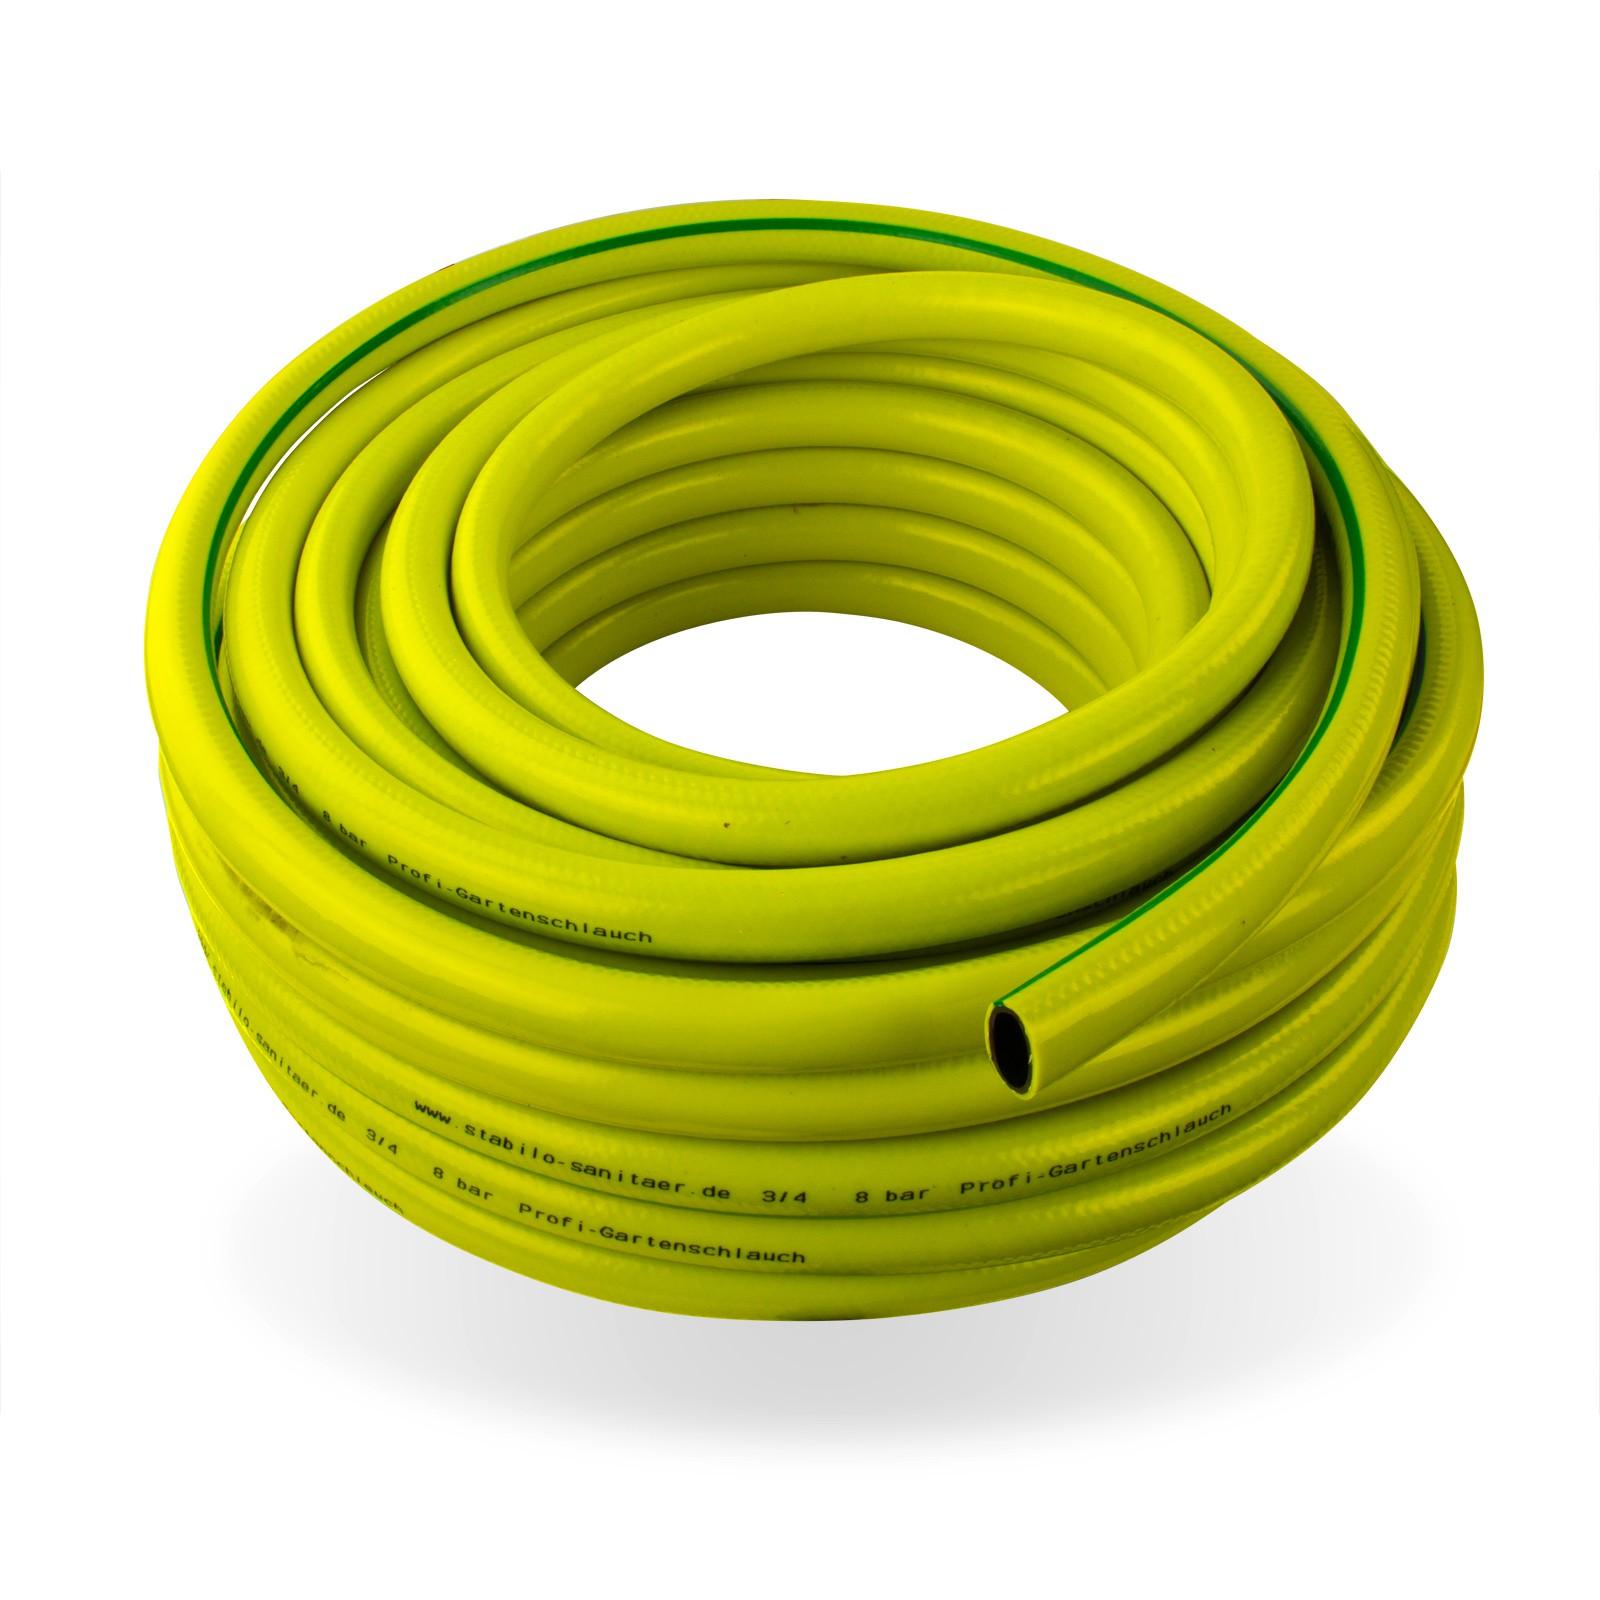 Stabilo-Sanitaer Profi Gartenschlauch / Wasserschlauch 1 Zoll / 25 m gelb 14465